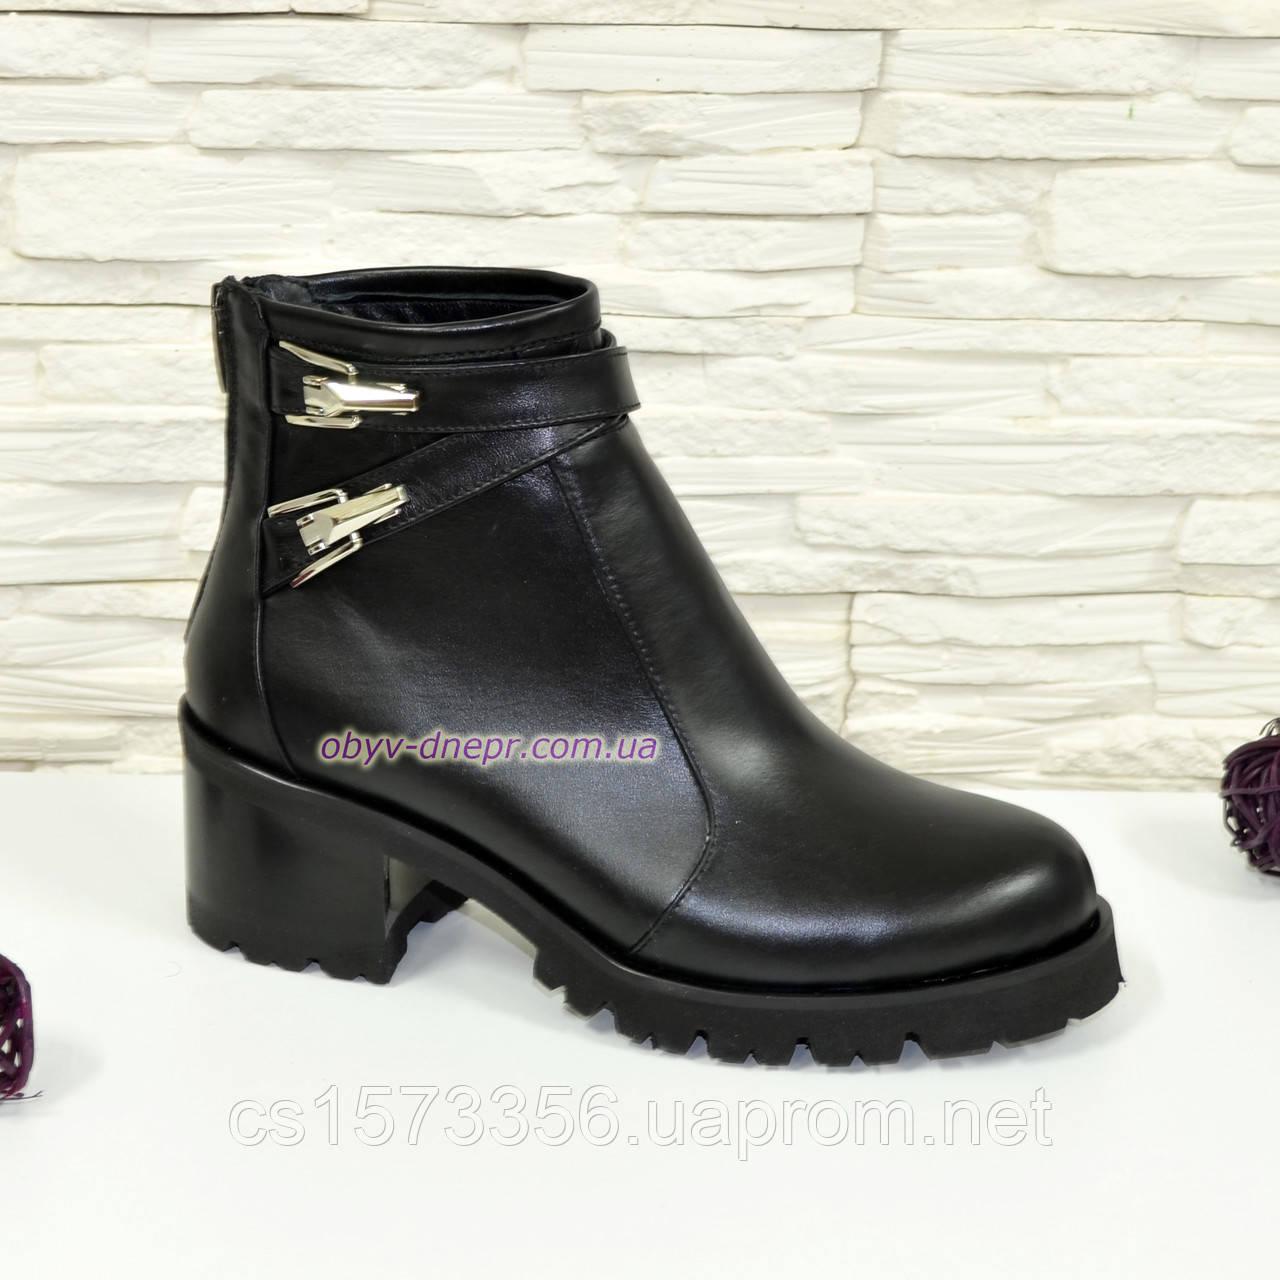 Женские кожаные ботинки демисезонные на устойчивом каблуке, черный цвет.